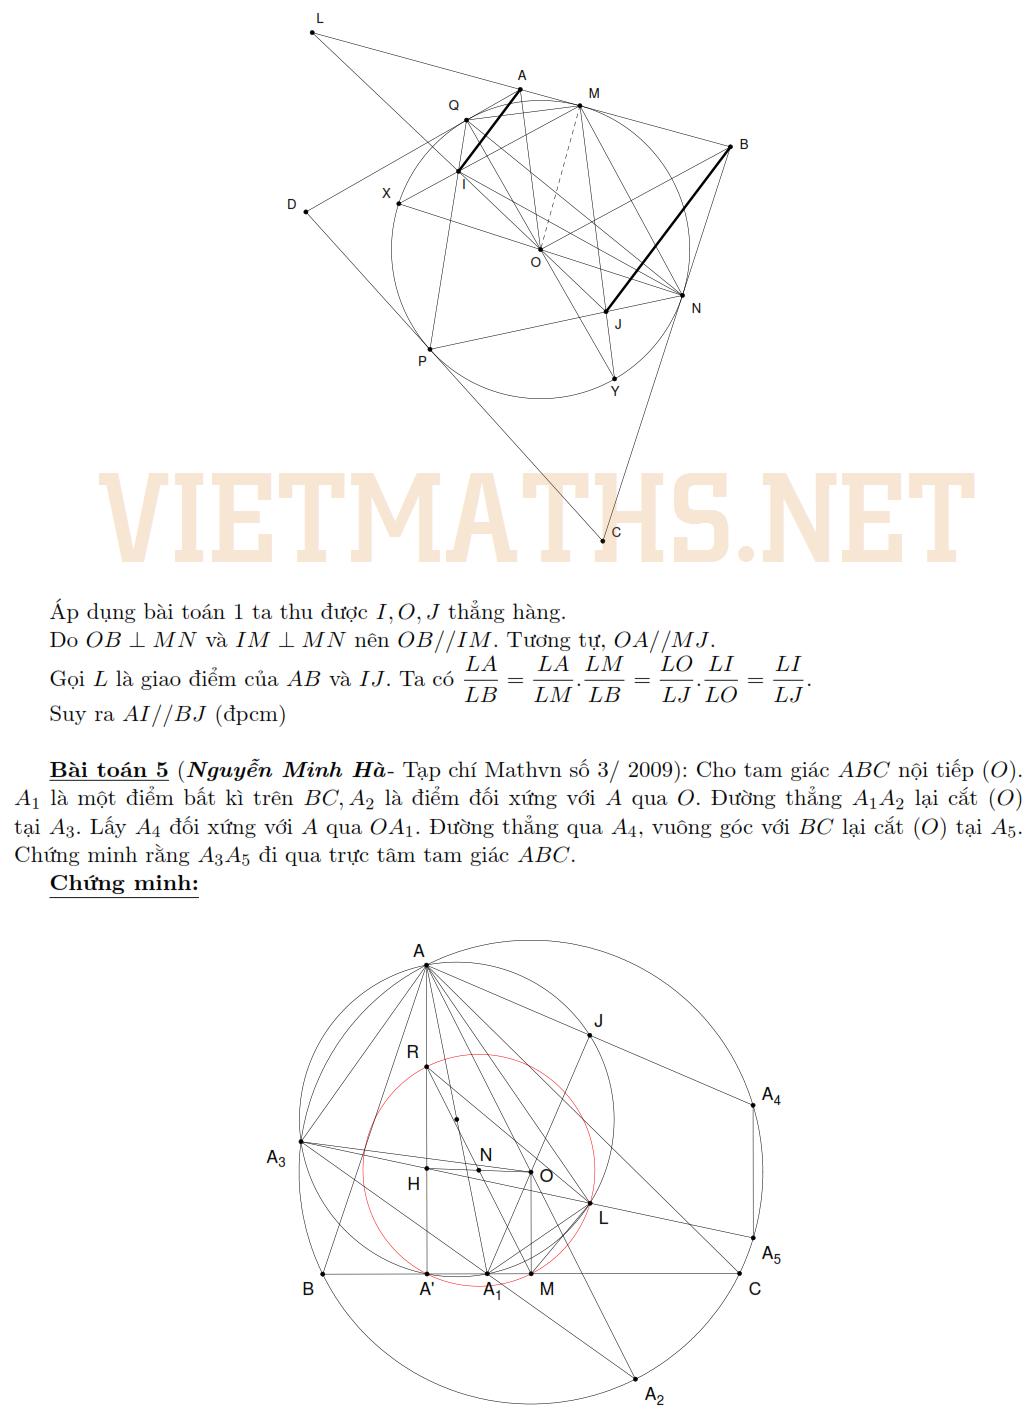 Ung dung cua mot bai toan hinh hoc Nguyen Van Linh part 4